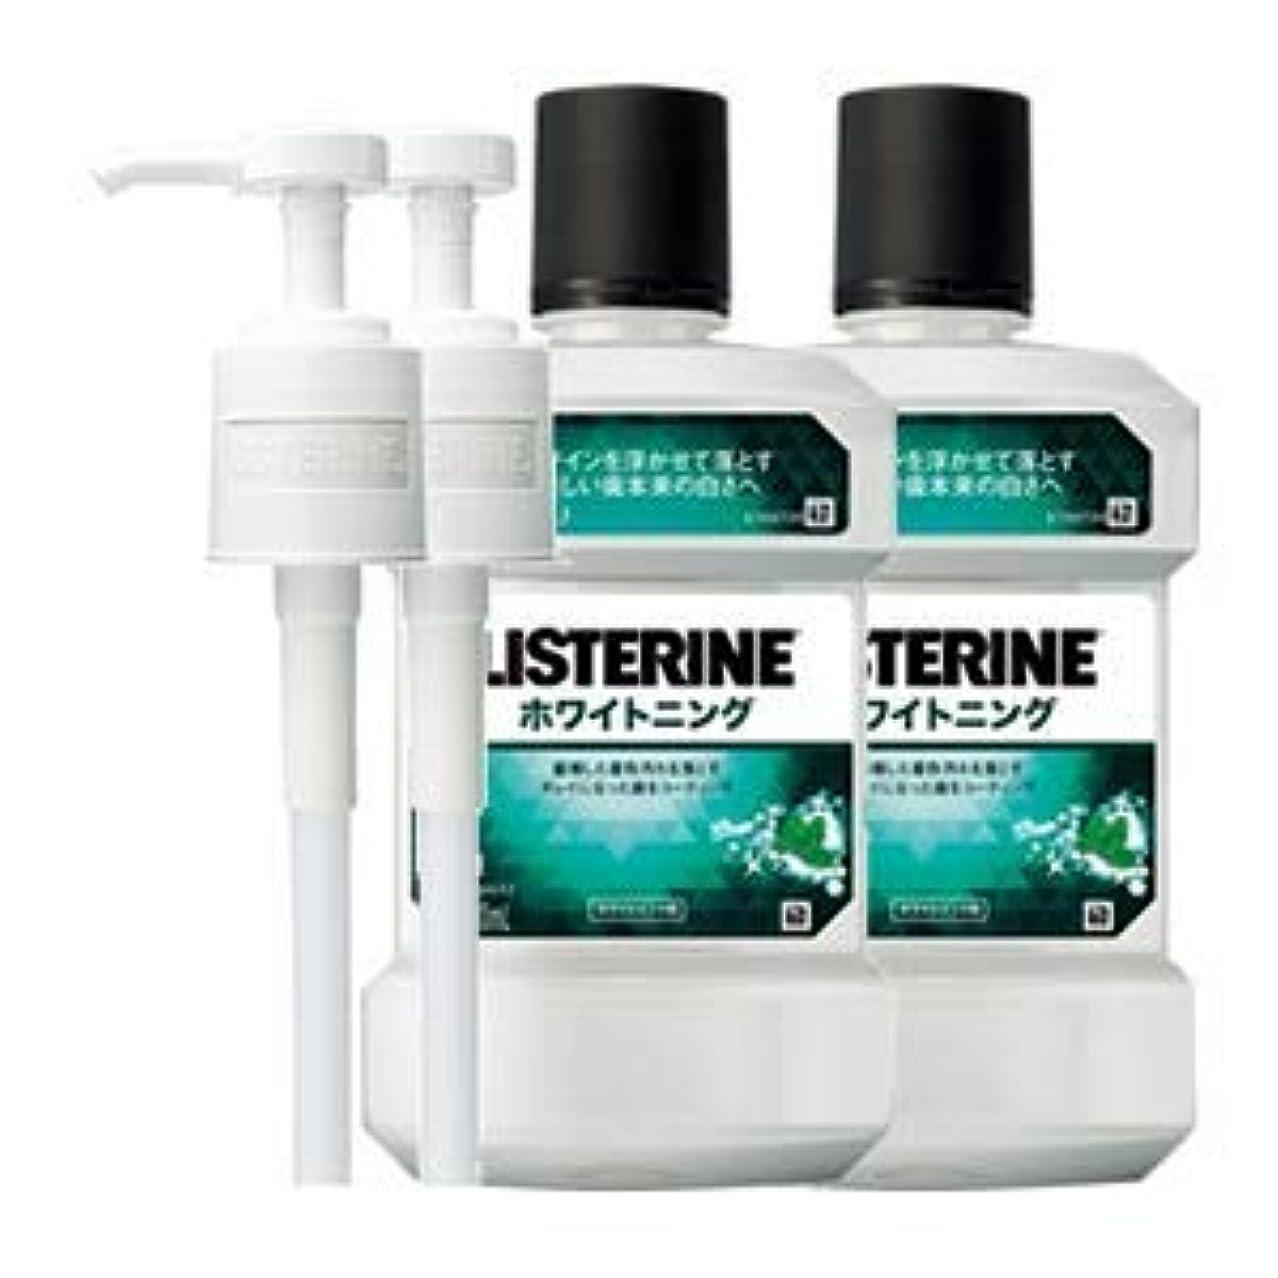 勇気のある歌振り子薬用 リステリン ホワイトニング (液体歯磨) 1000mL 2点セット (ポンプ付)